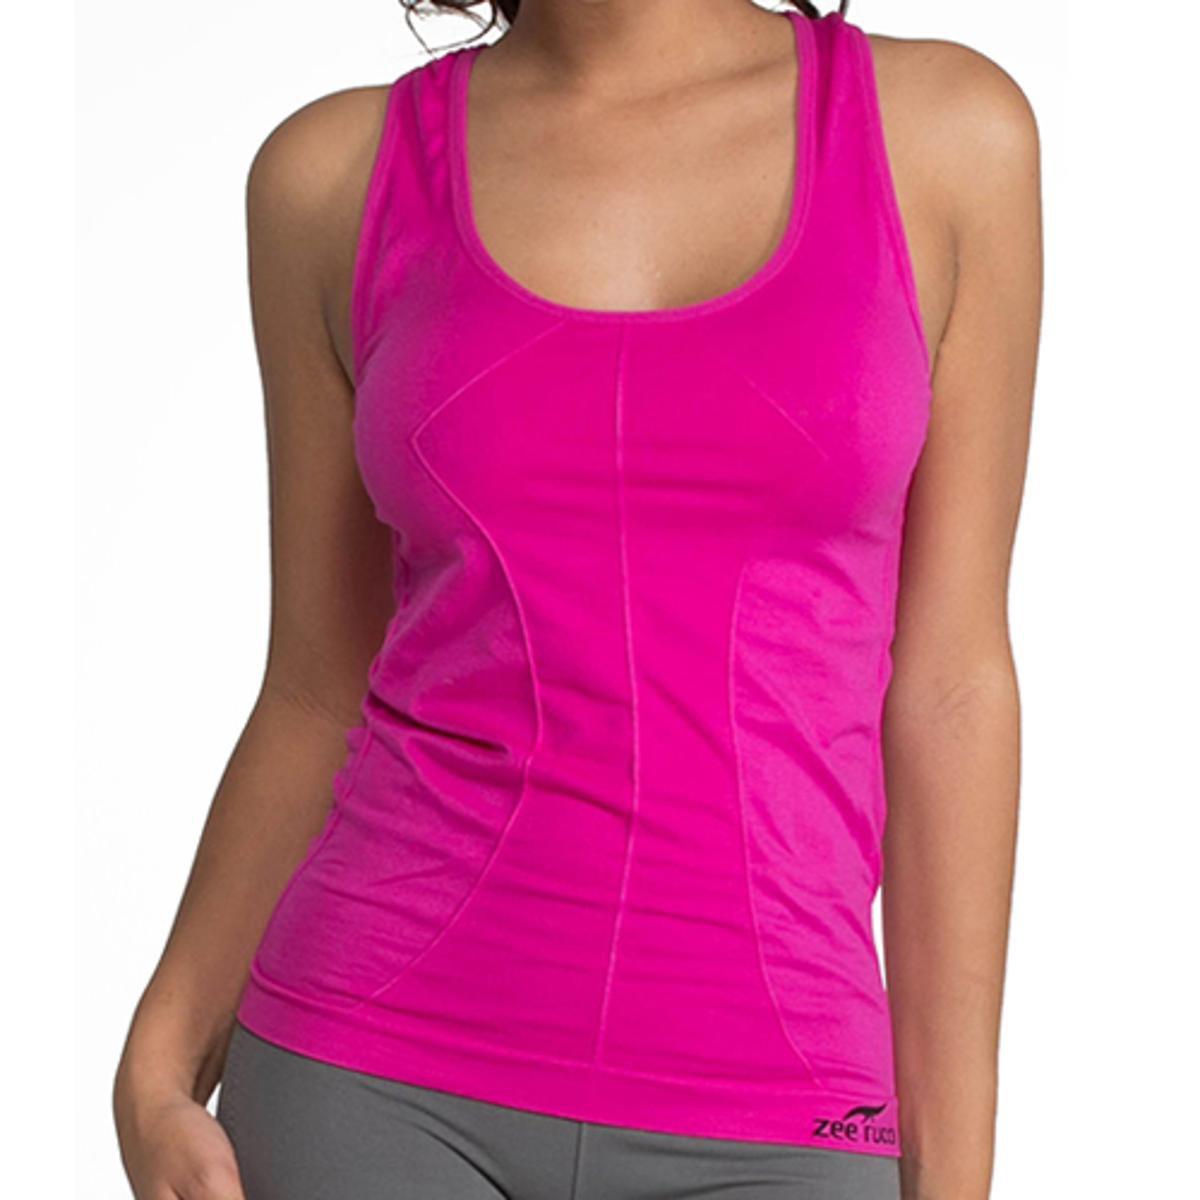 Rosa Regata Nadador Regata Costura Fitness Fitness Sem Sem Costura Nadador xz6dPOtwqw